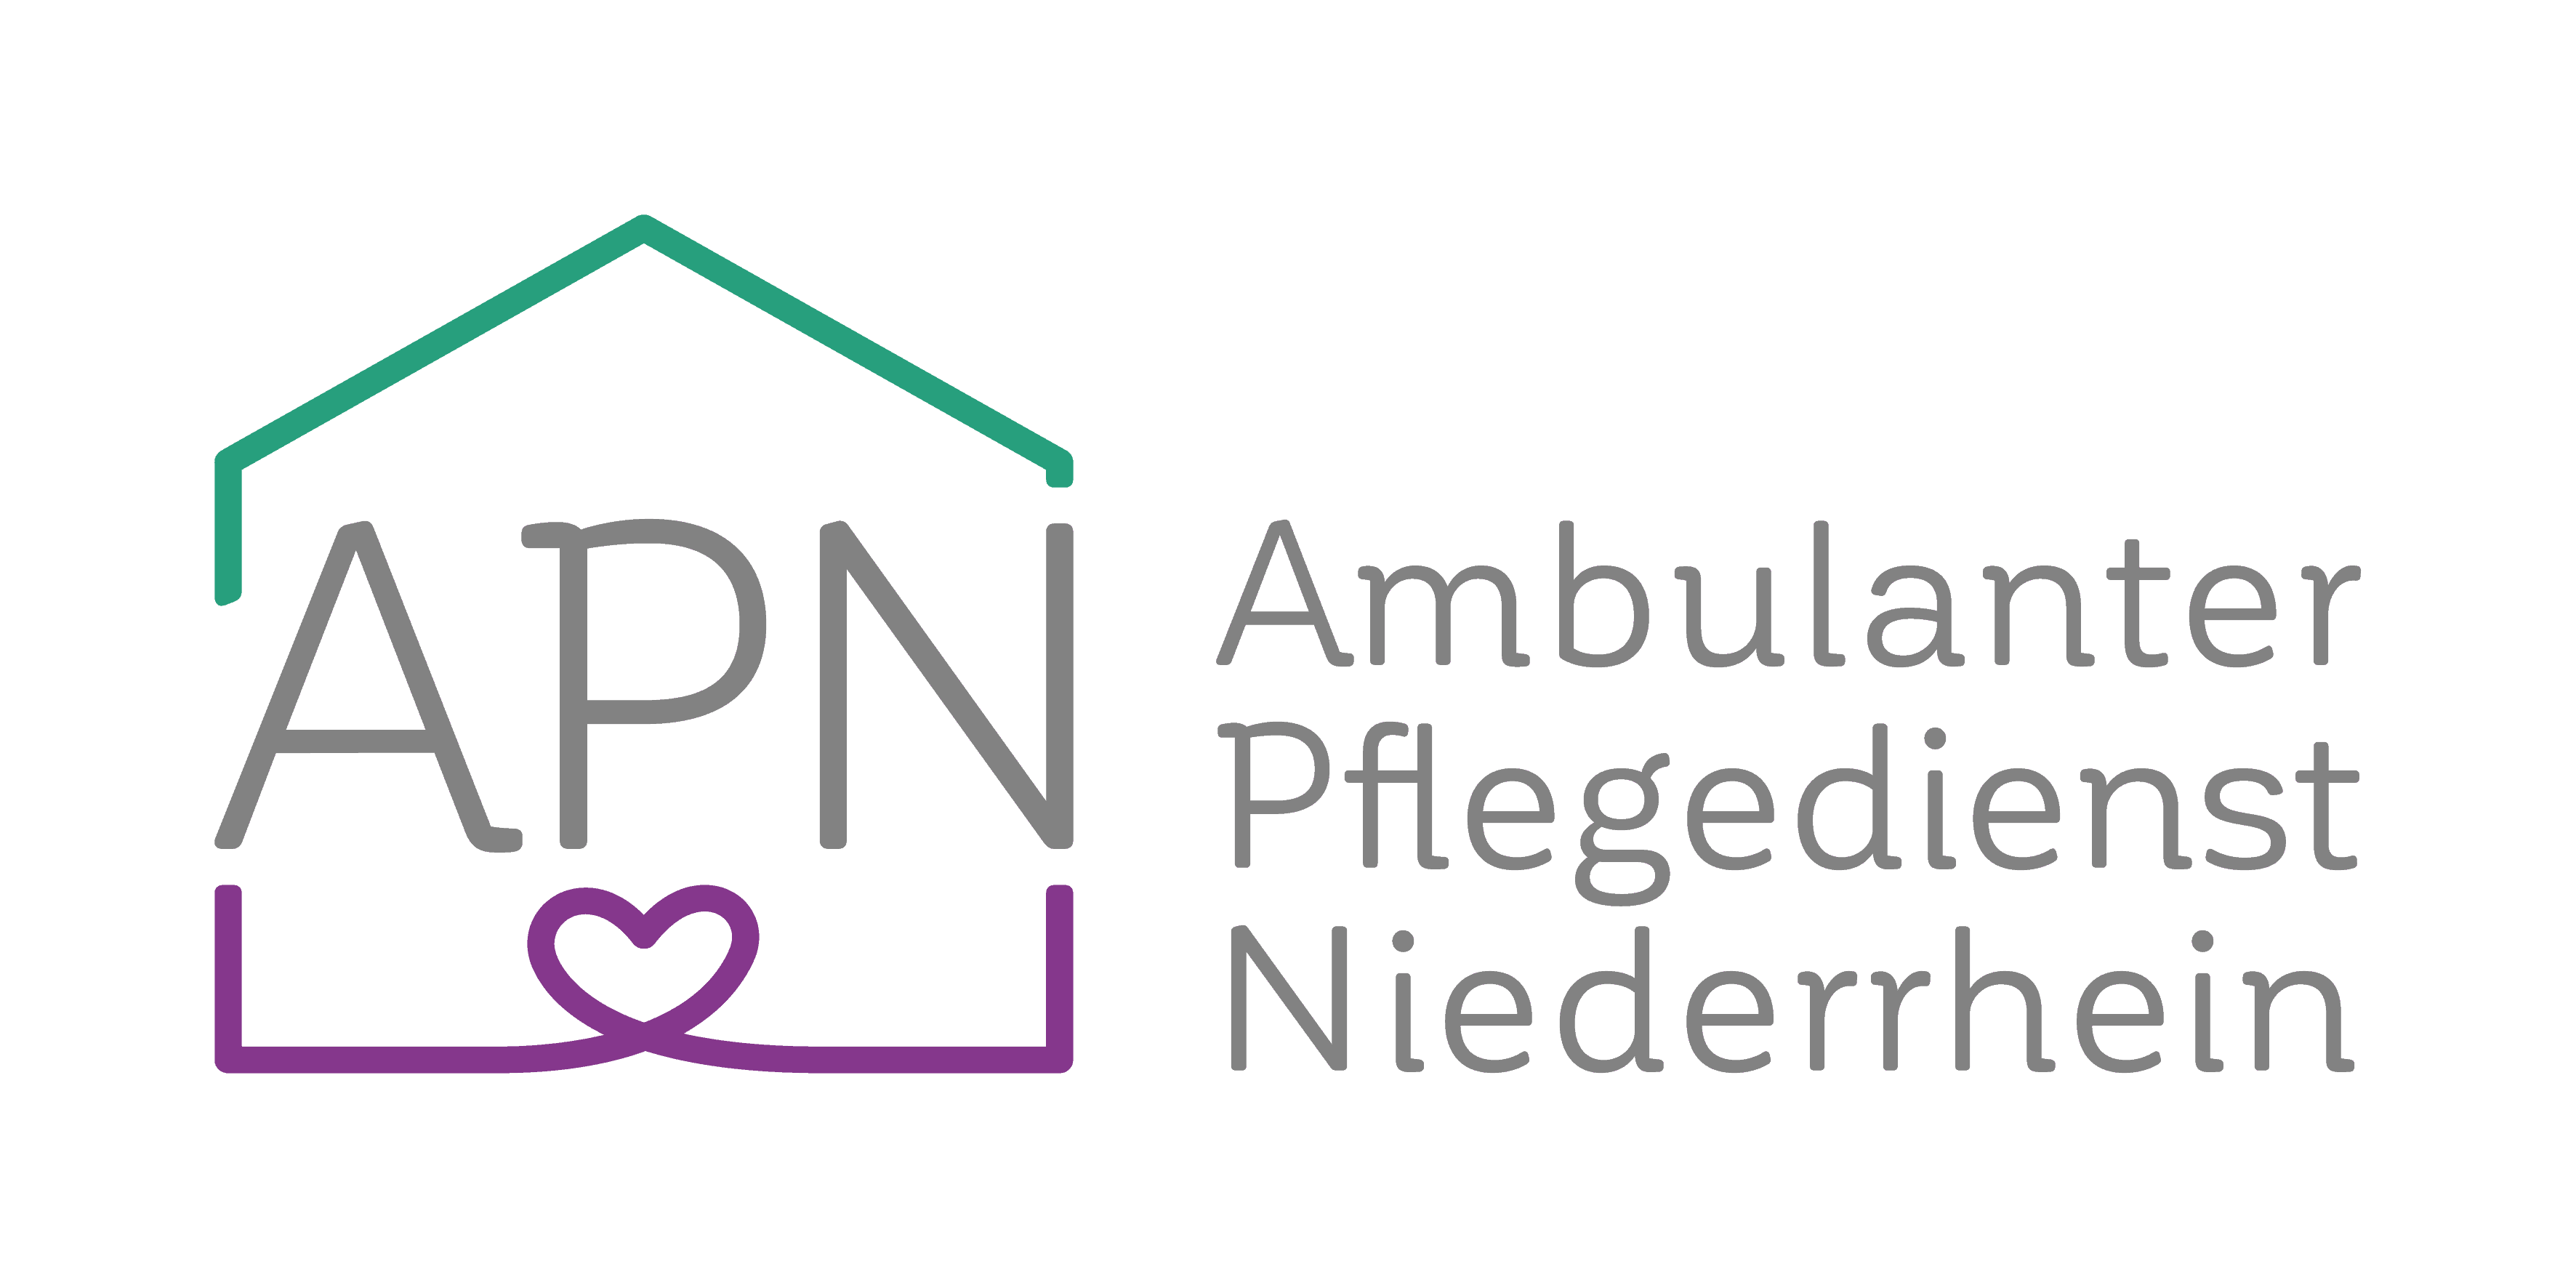 Logo APN Ambulanter Pflegedienst Niederrhein Rees